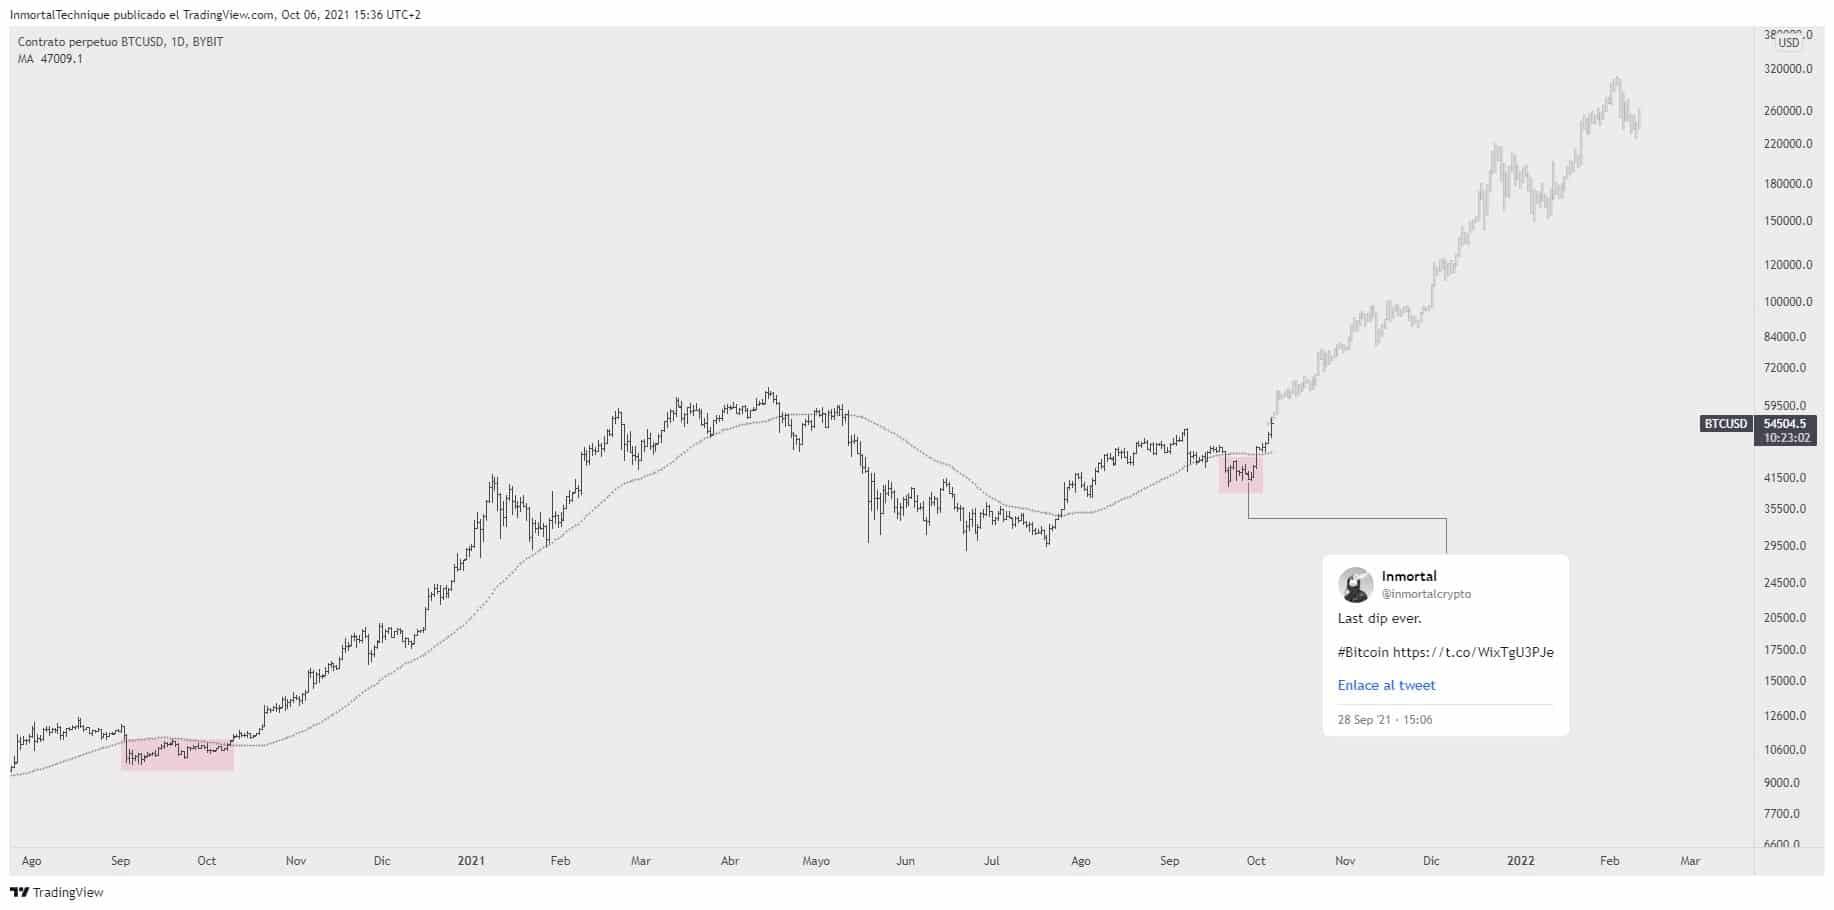 ünlü analist'ten solana i̇çin rekor yükseliş açıklaması! %60'lık bir yükseliş'ten önce hangi altcoin'i biriktirdiğini söyledi? 28